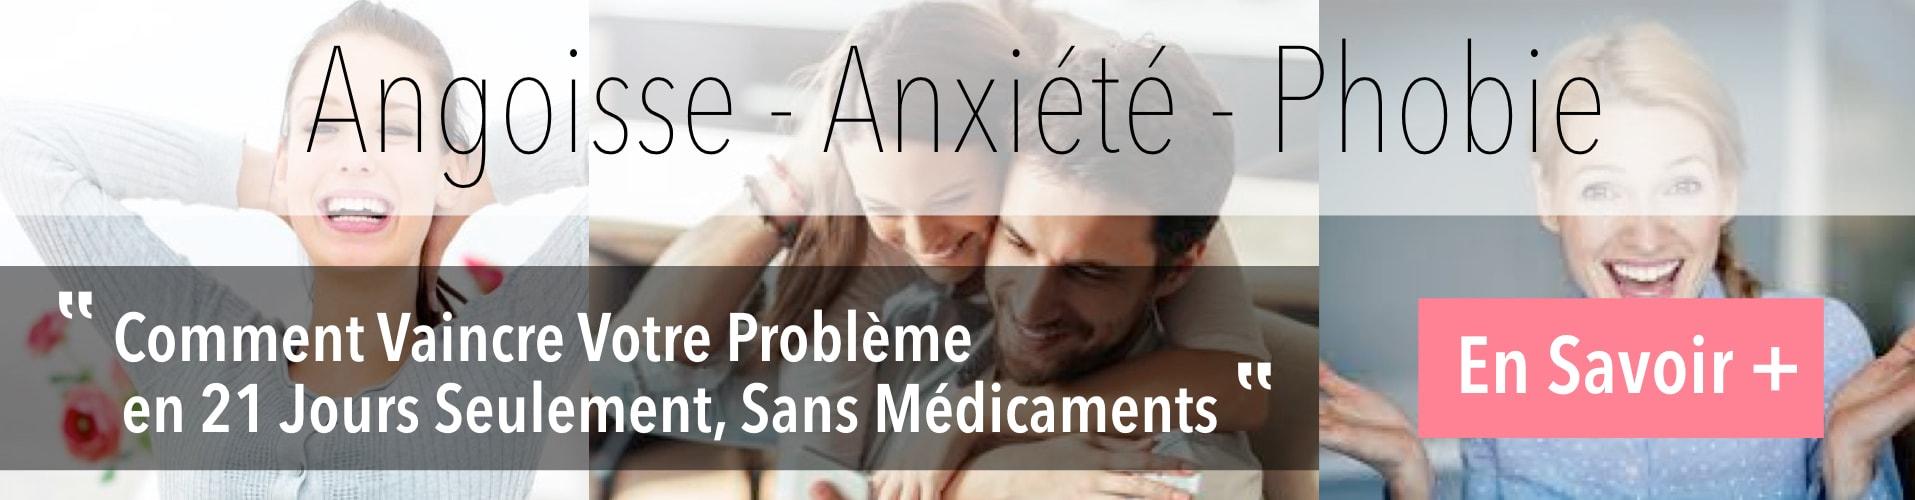 Angoisse - Anxiété - Phobie - Vaincre votre problème en 21 jours